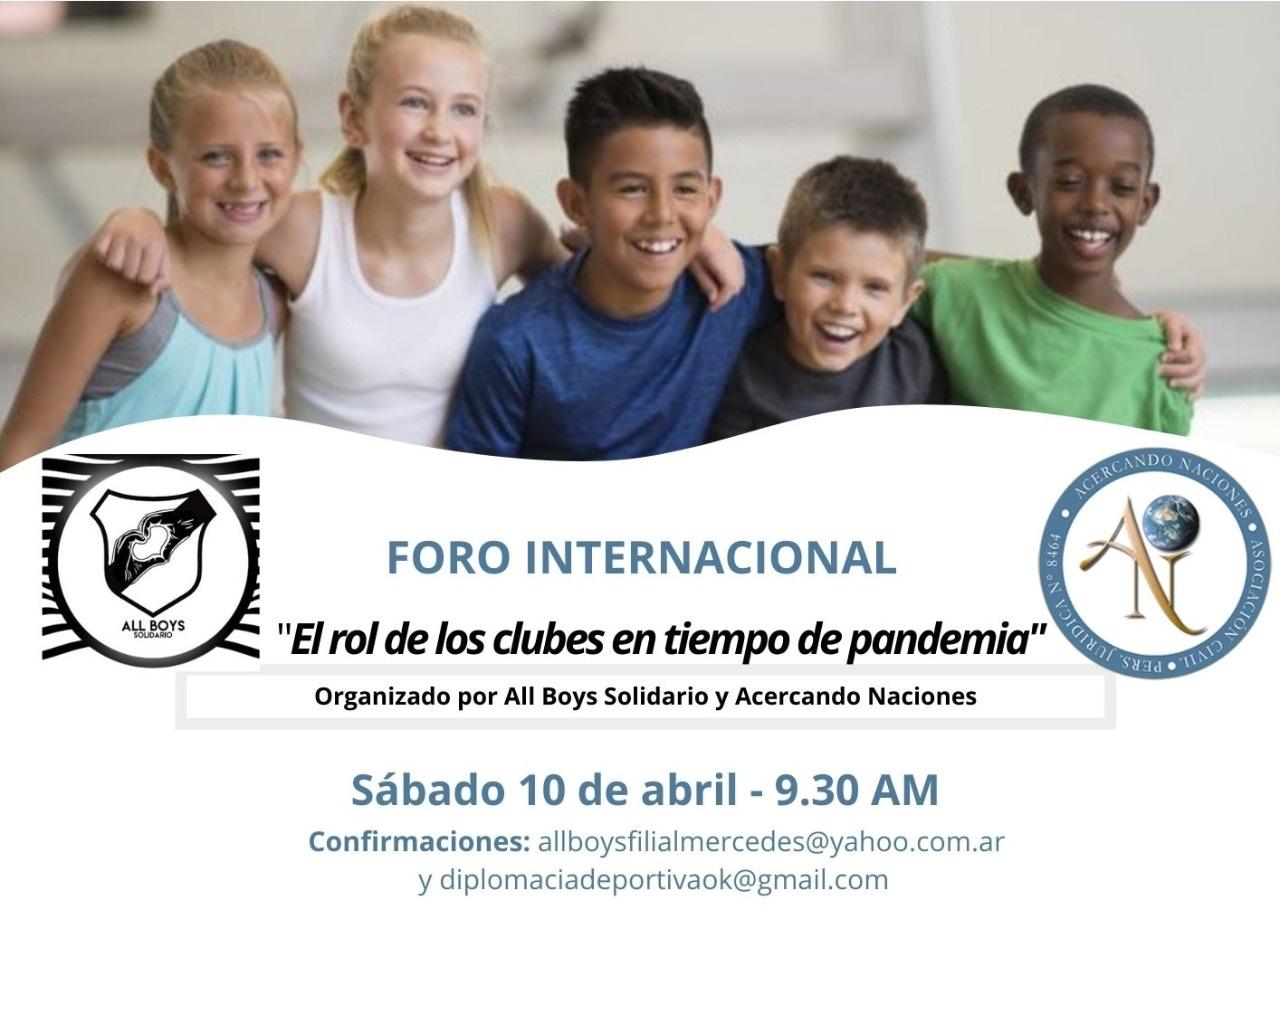 Evento en el Día Internacional del Deporte